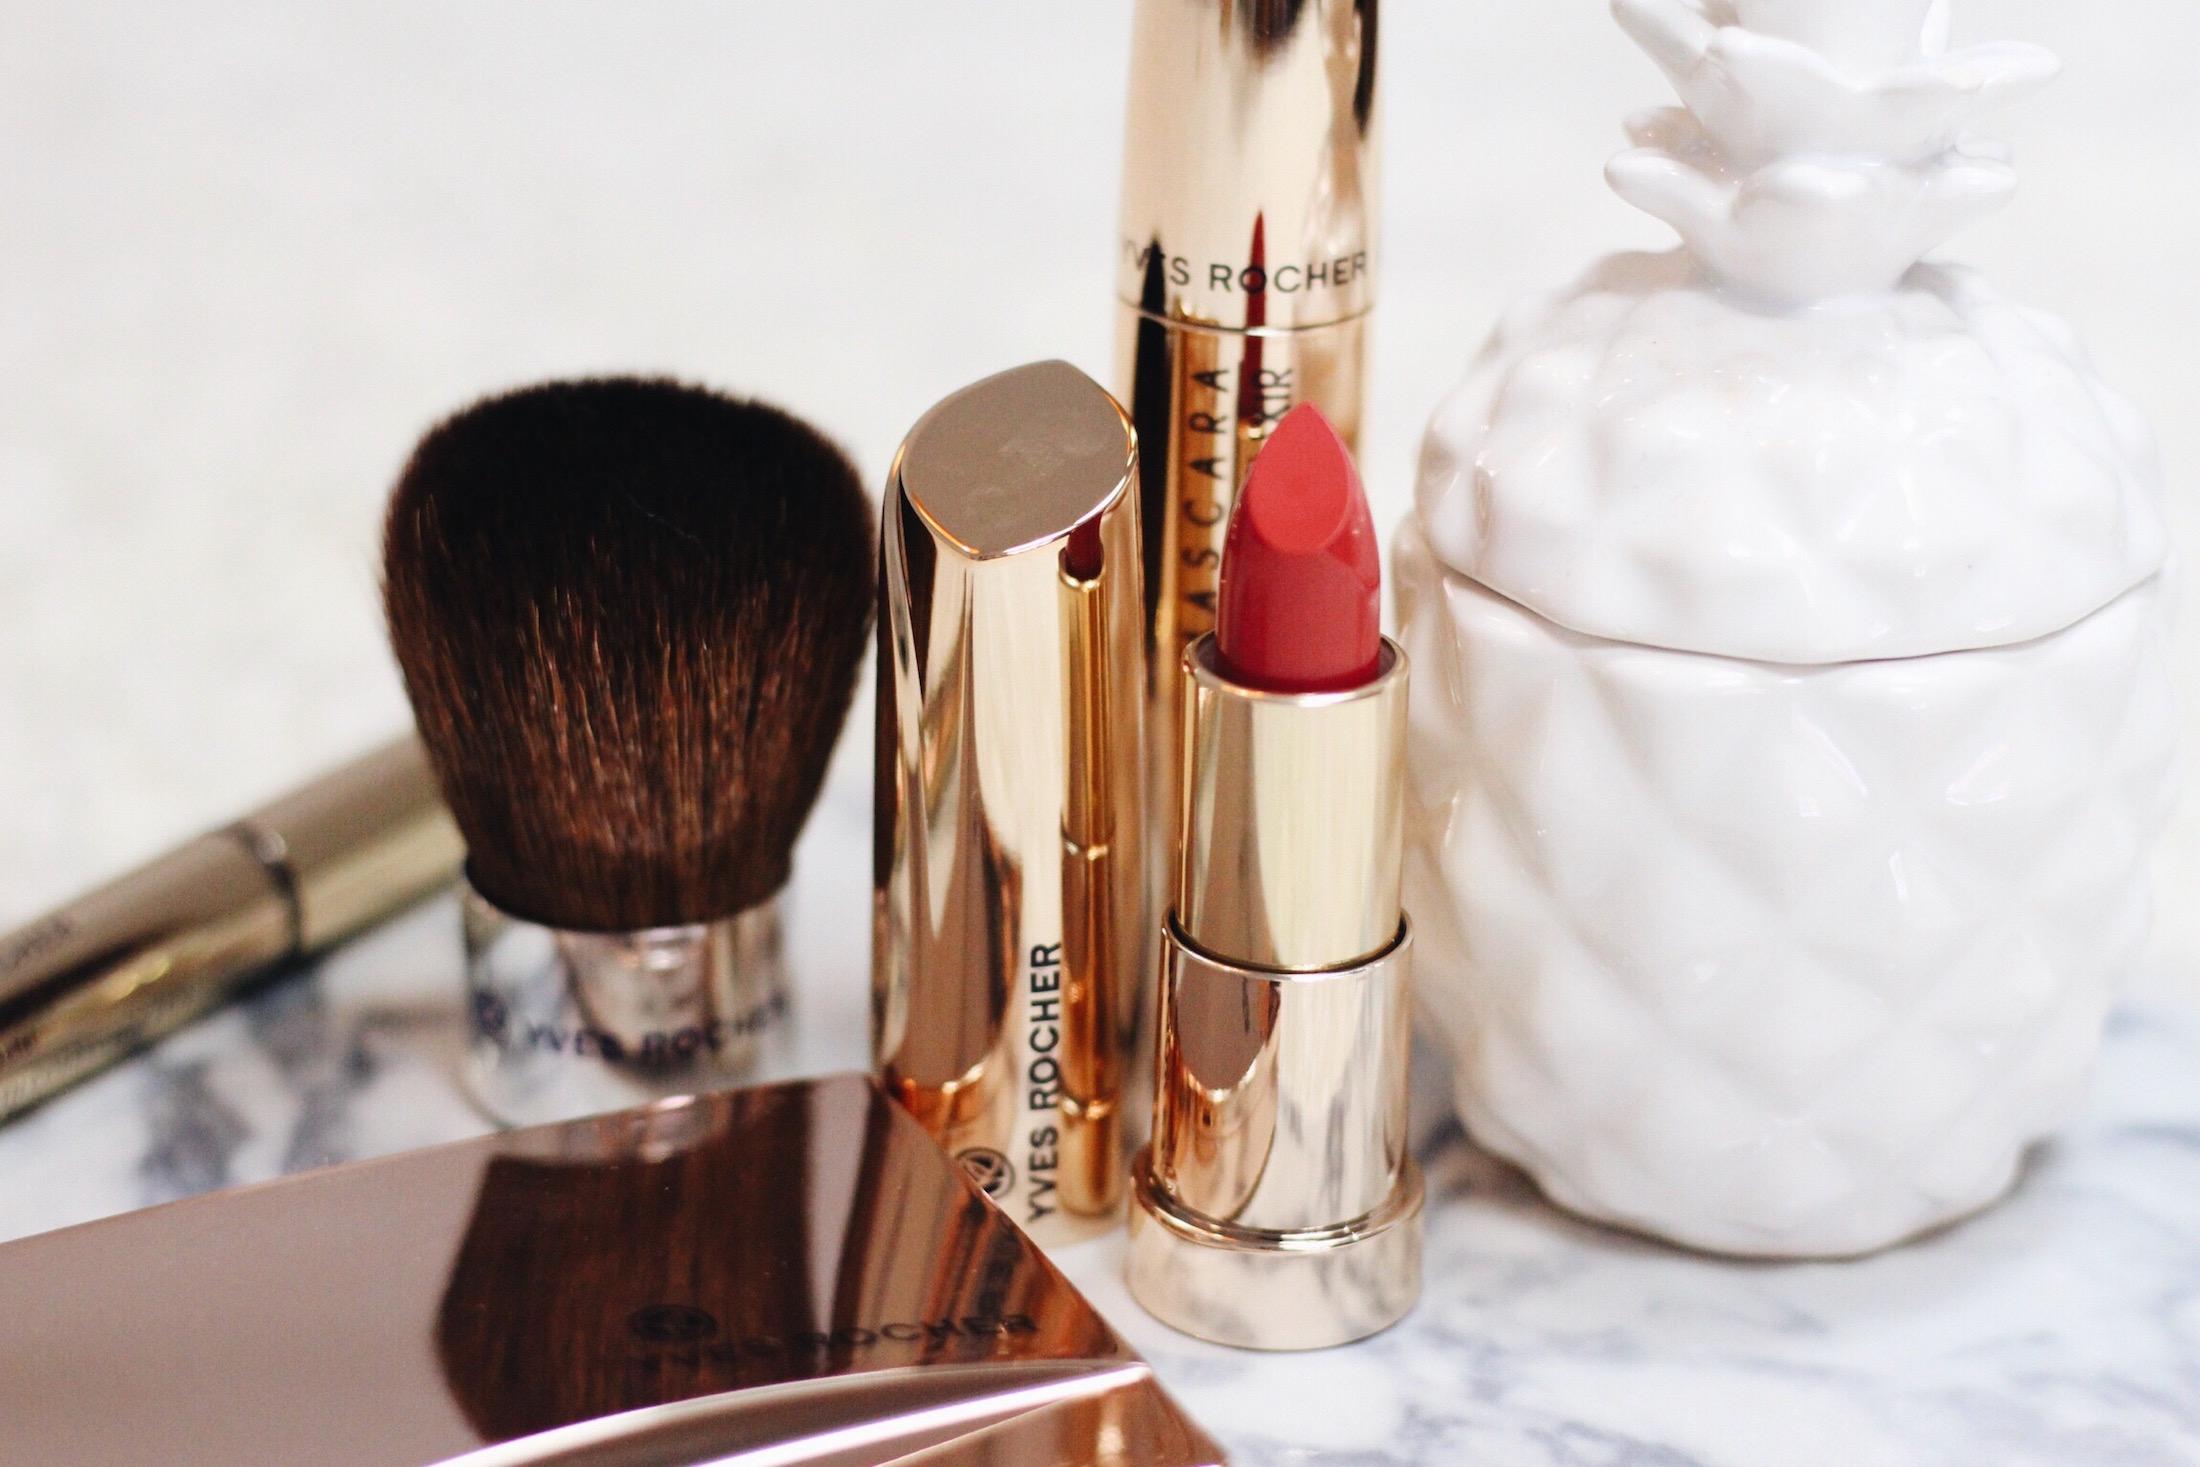 Yves Rocher Produkte im Test für meinen Mode und Beautyblog